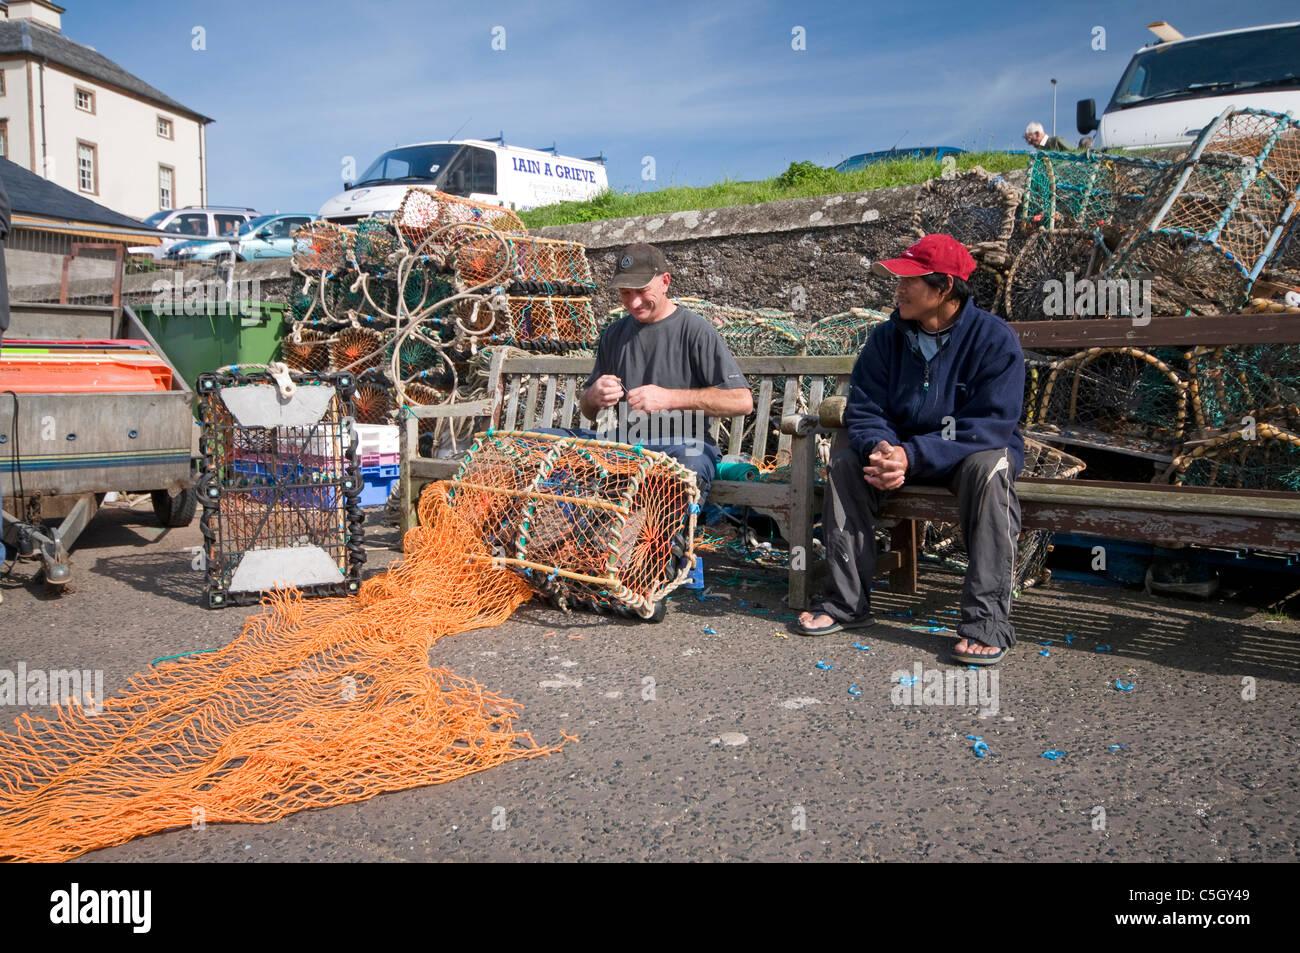 Fishermen mending nets on the harbourside at Eyemouth - Stock Image